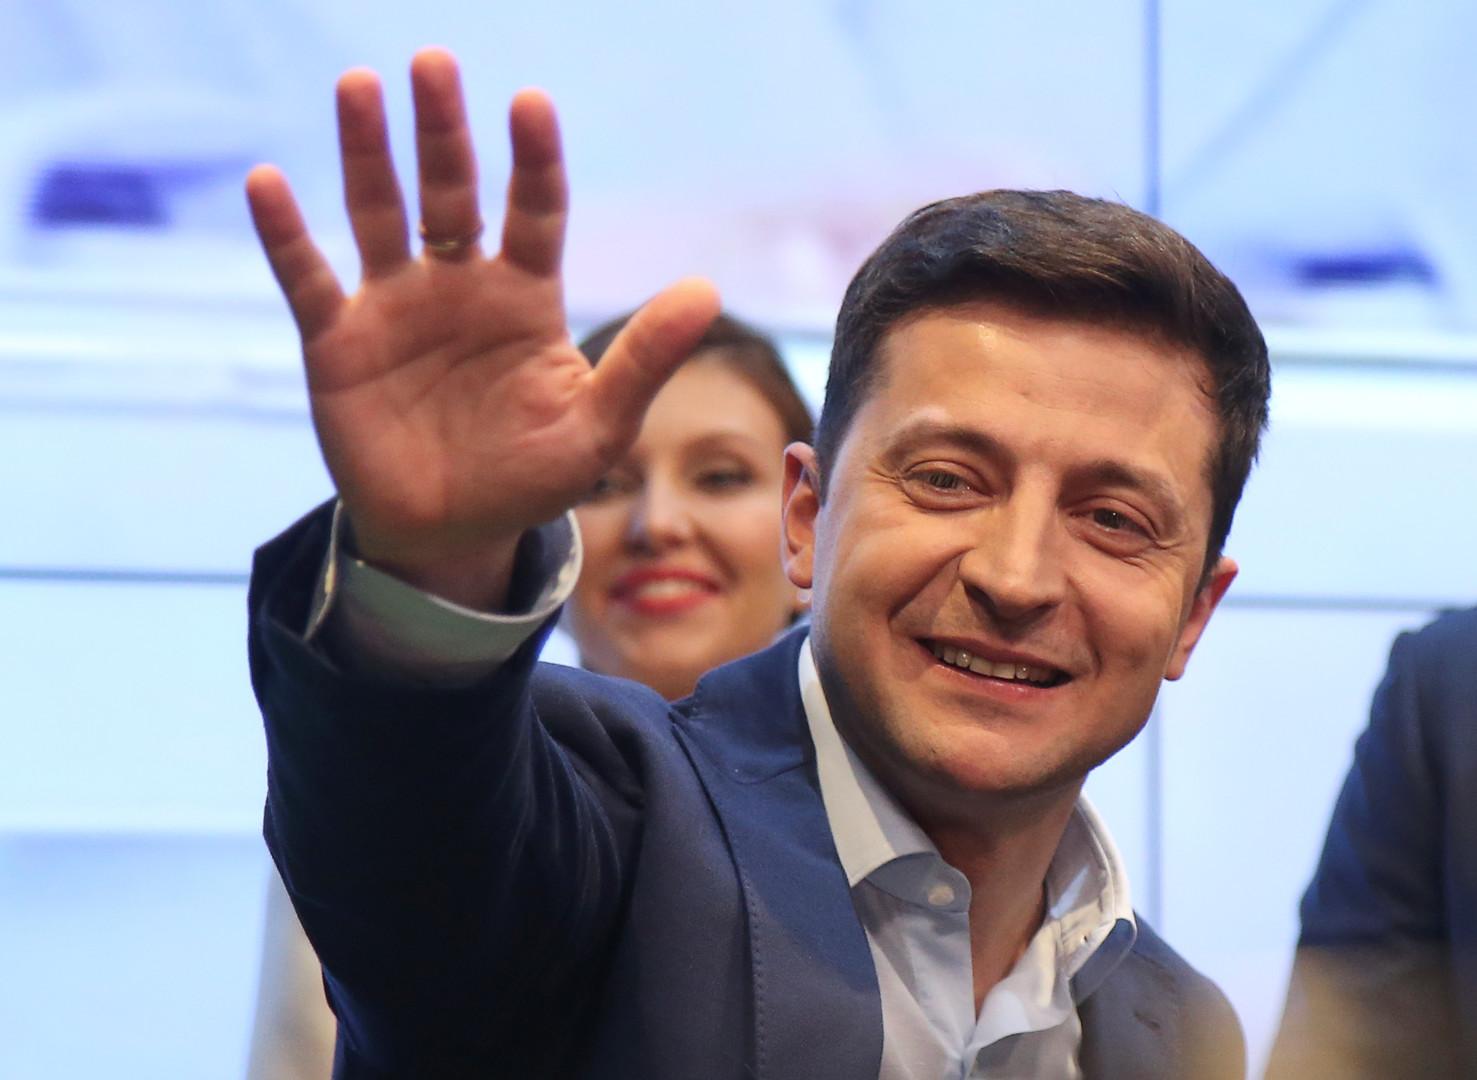 زيلينسكي: سنطلق حربا إعلامية قوية لإنهاء النزاع شرق أوكرانيا وسنواصل مسار مينسك